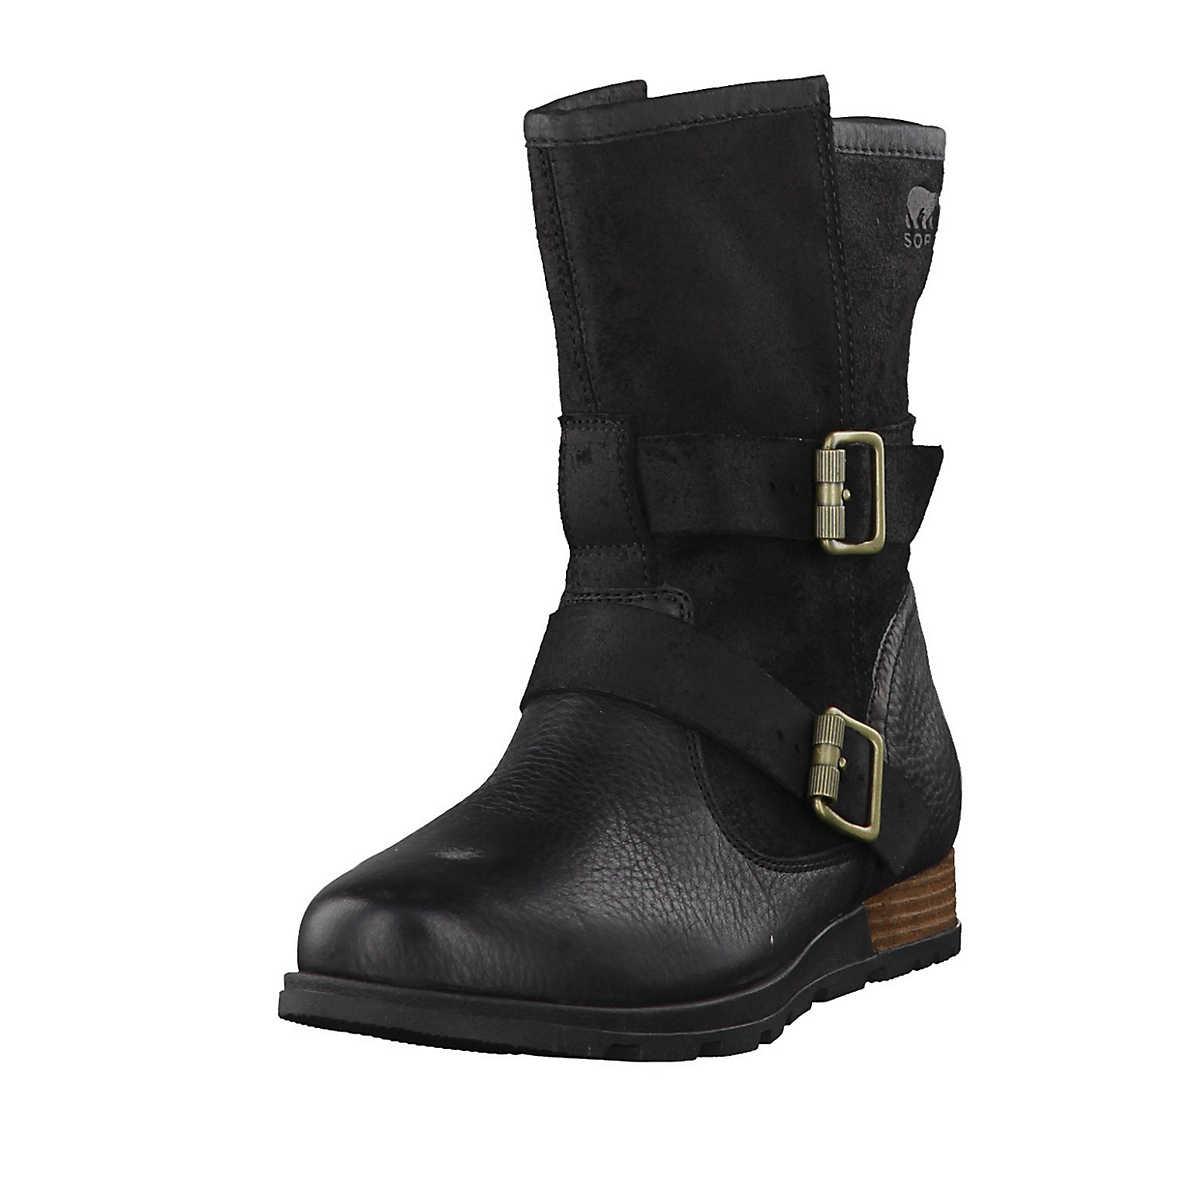 SOREL Stiefel schwarz - SOREL - Stiefel - Schuhe - mirapodo.de